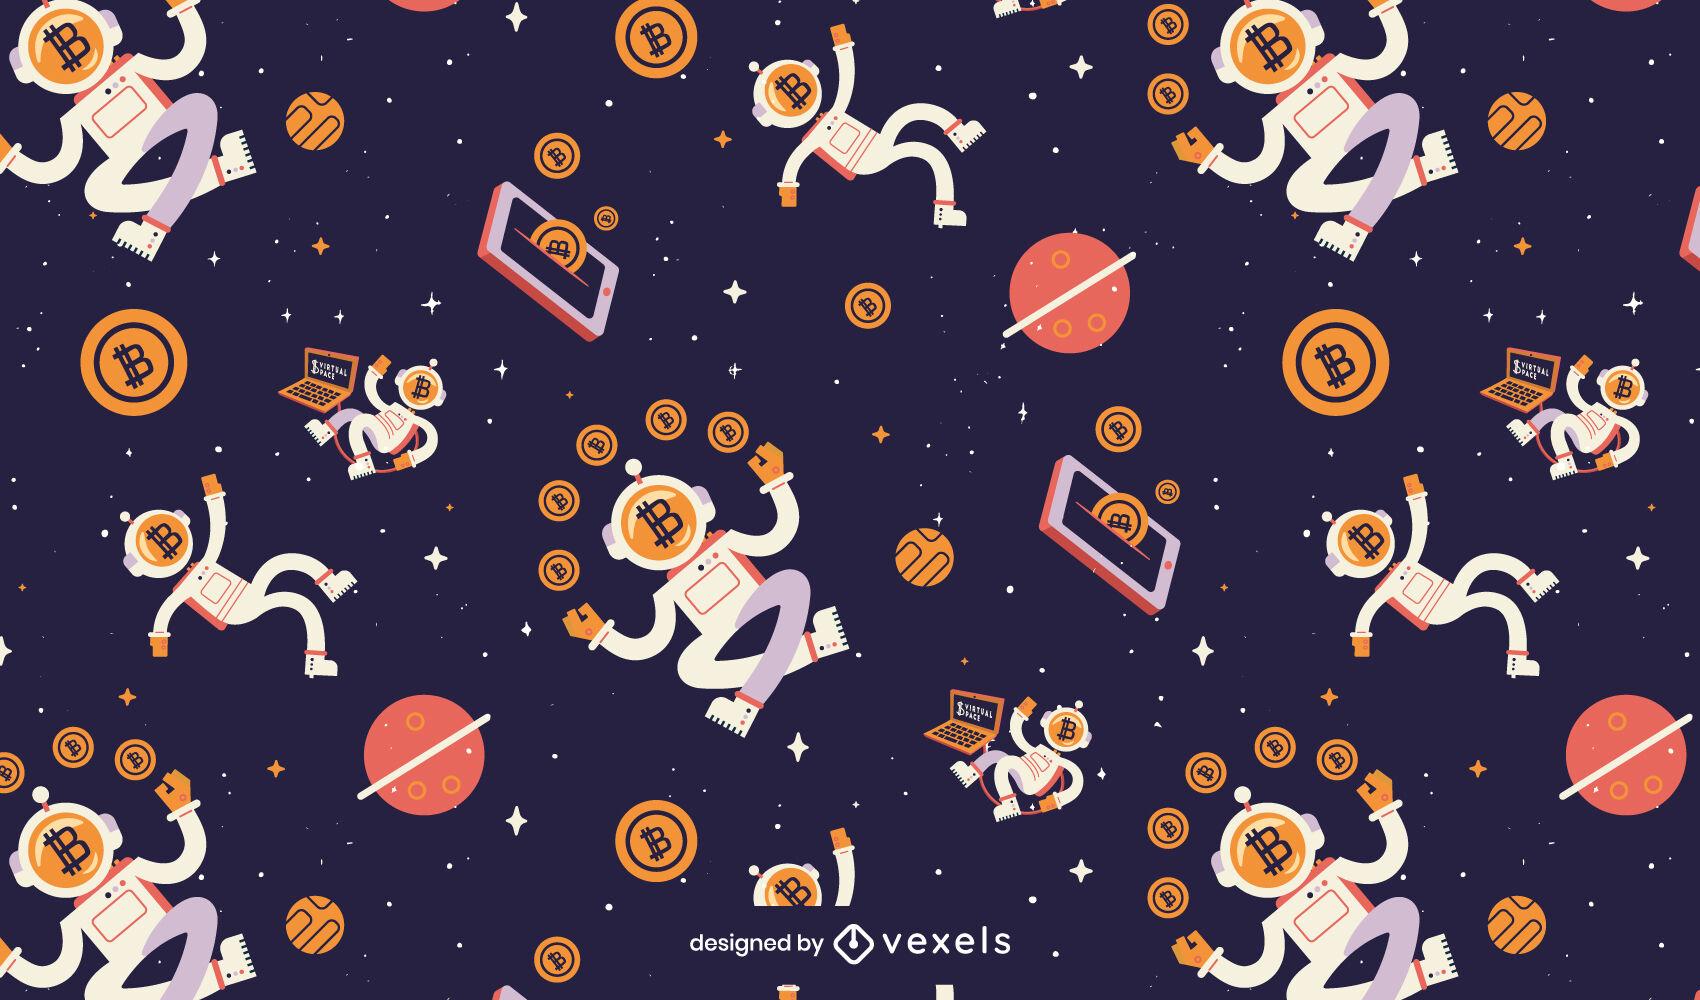 Padrão de espaço de bitcoins